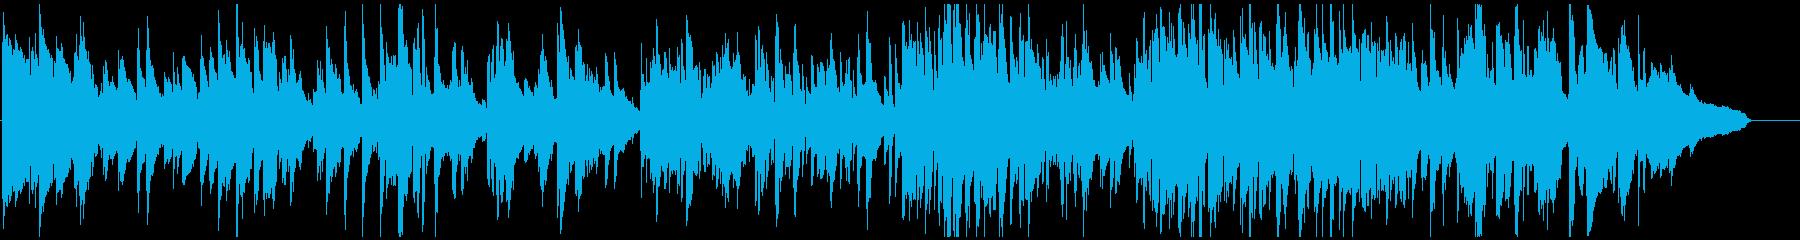 リラックス・ムードのエレガントなサックスの再生済みの波形